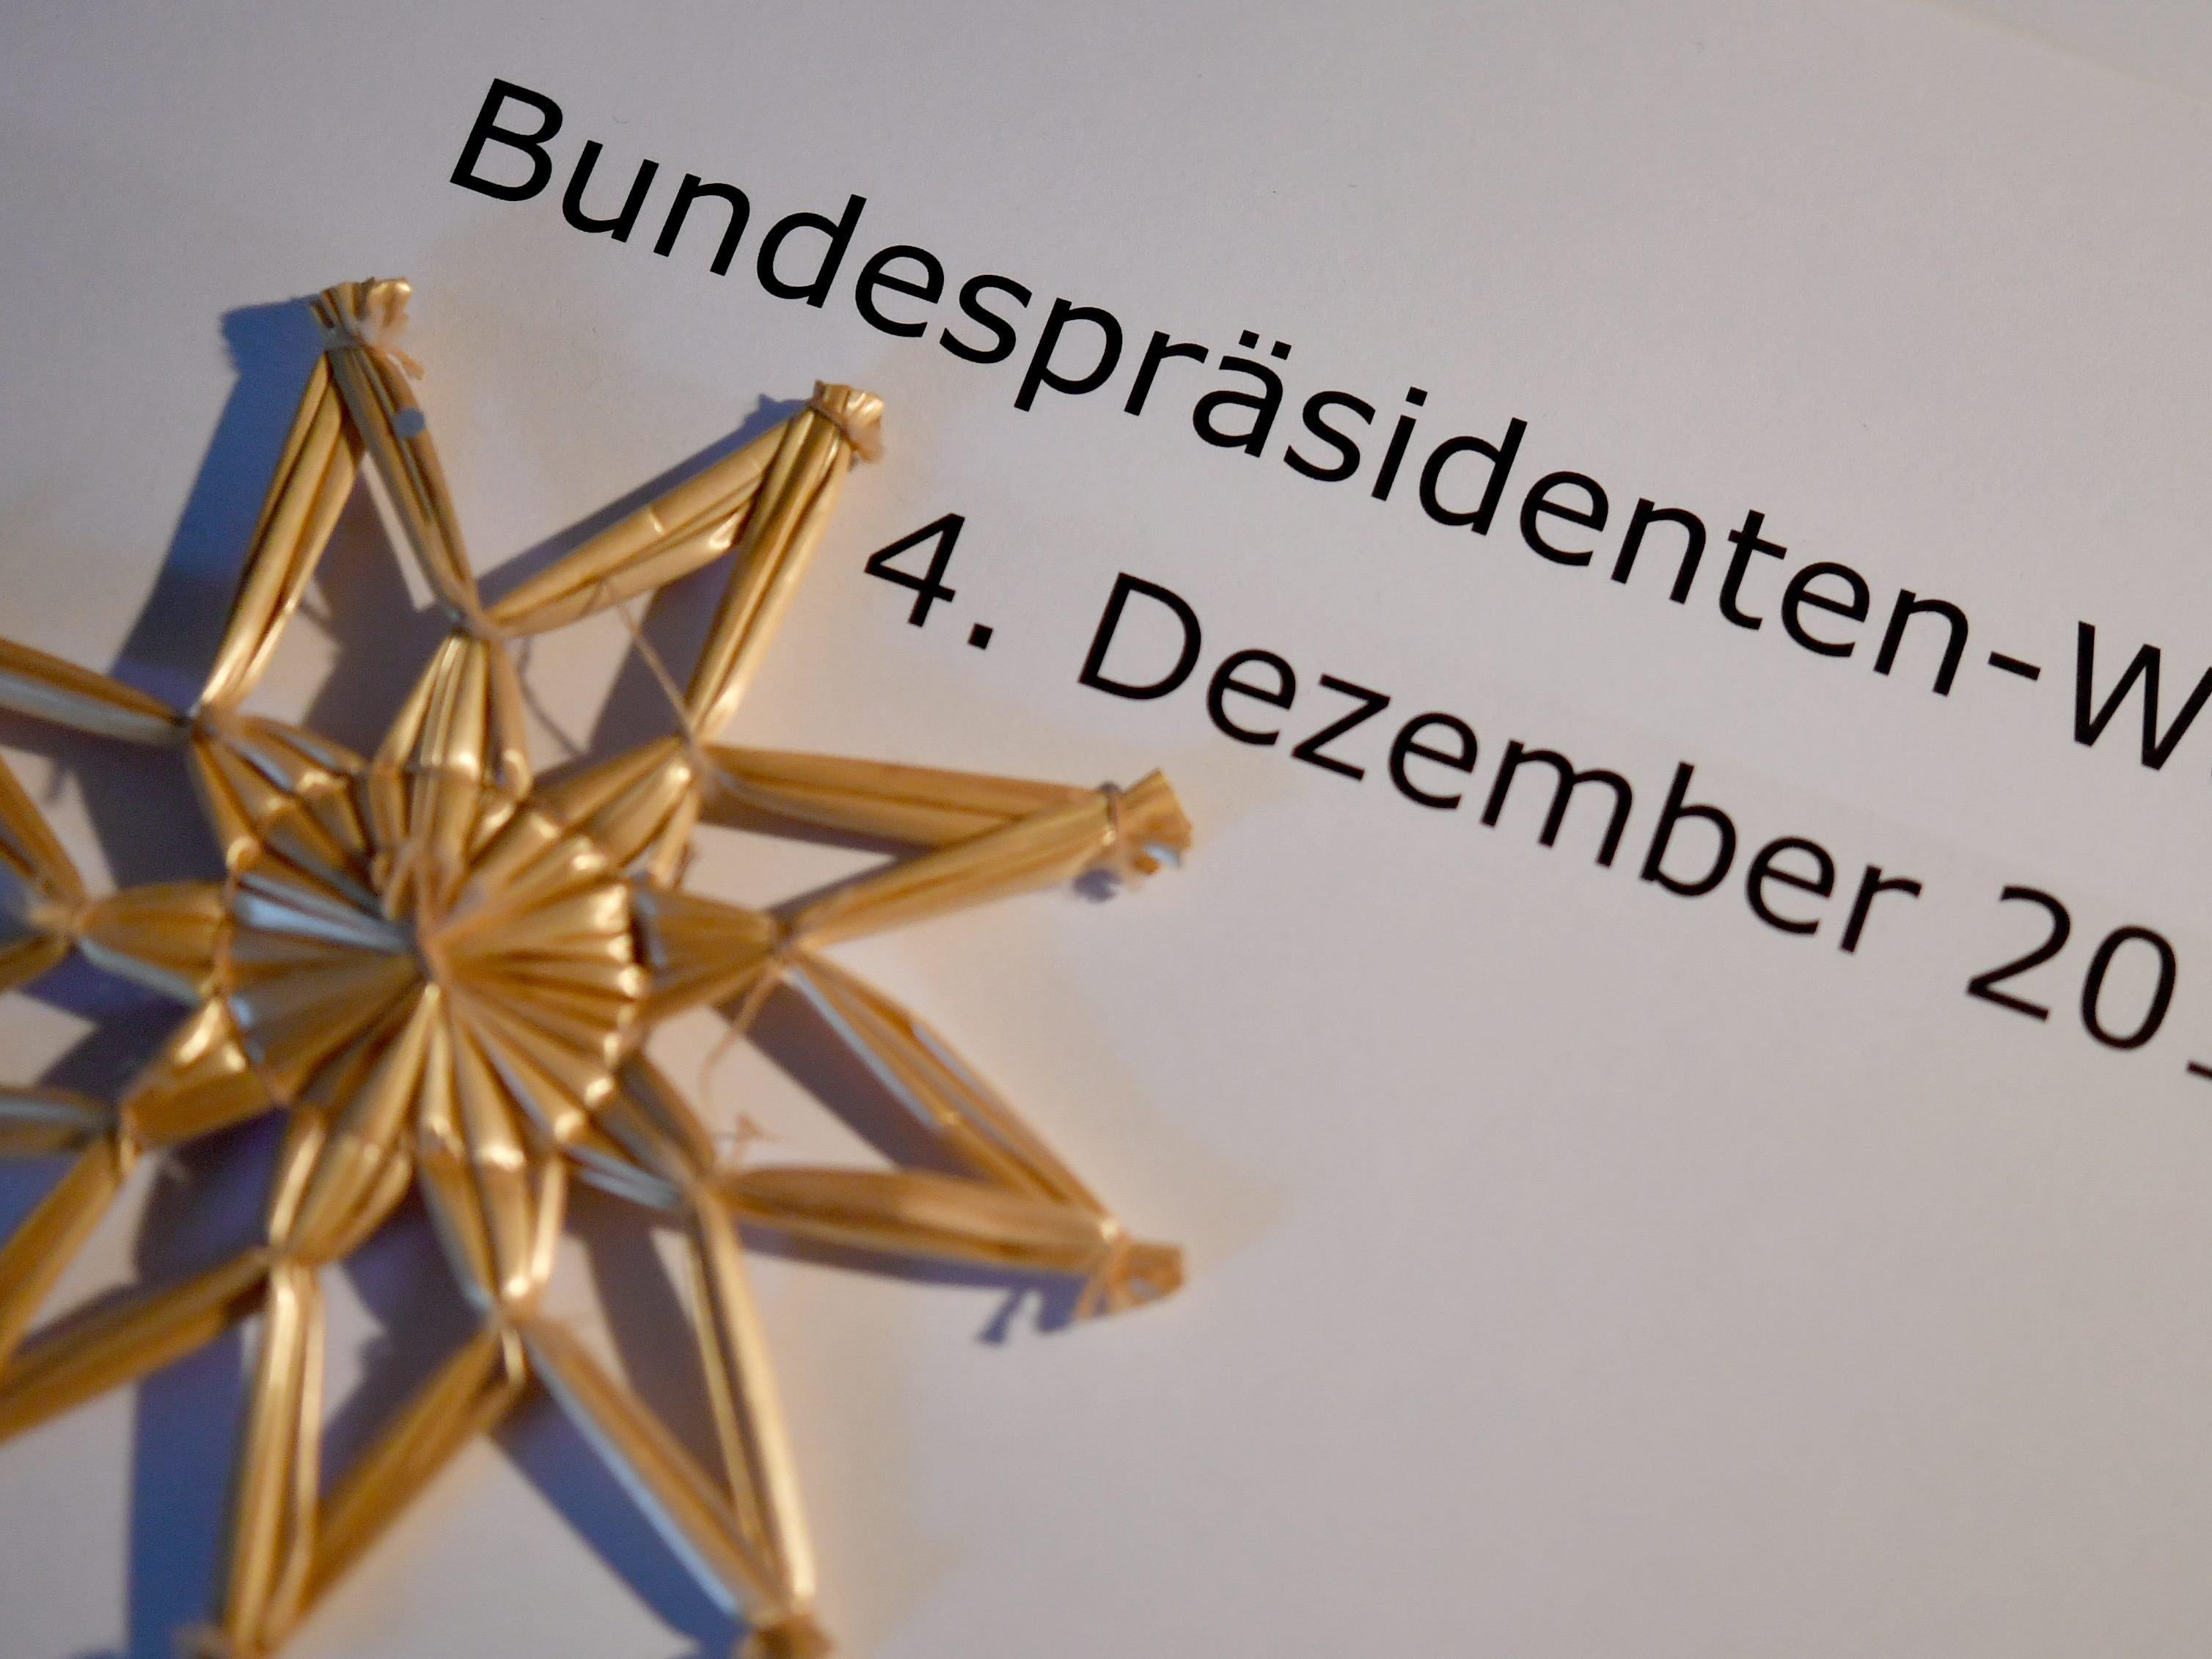 Bundespräsidentenwahl 2016: Die aktuelle Hochrechnung von der Stichwahl im Dezember.